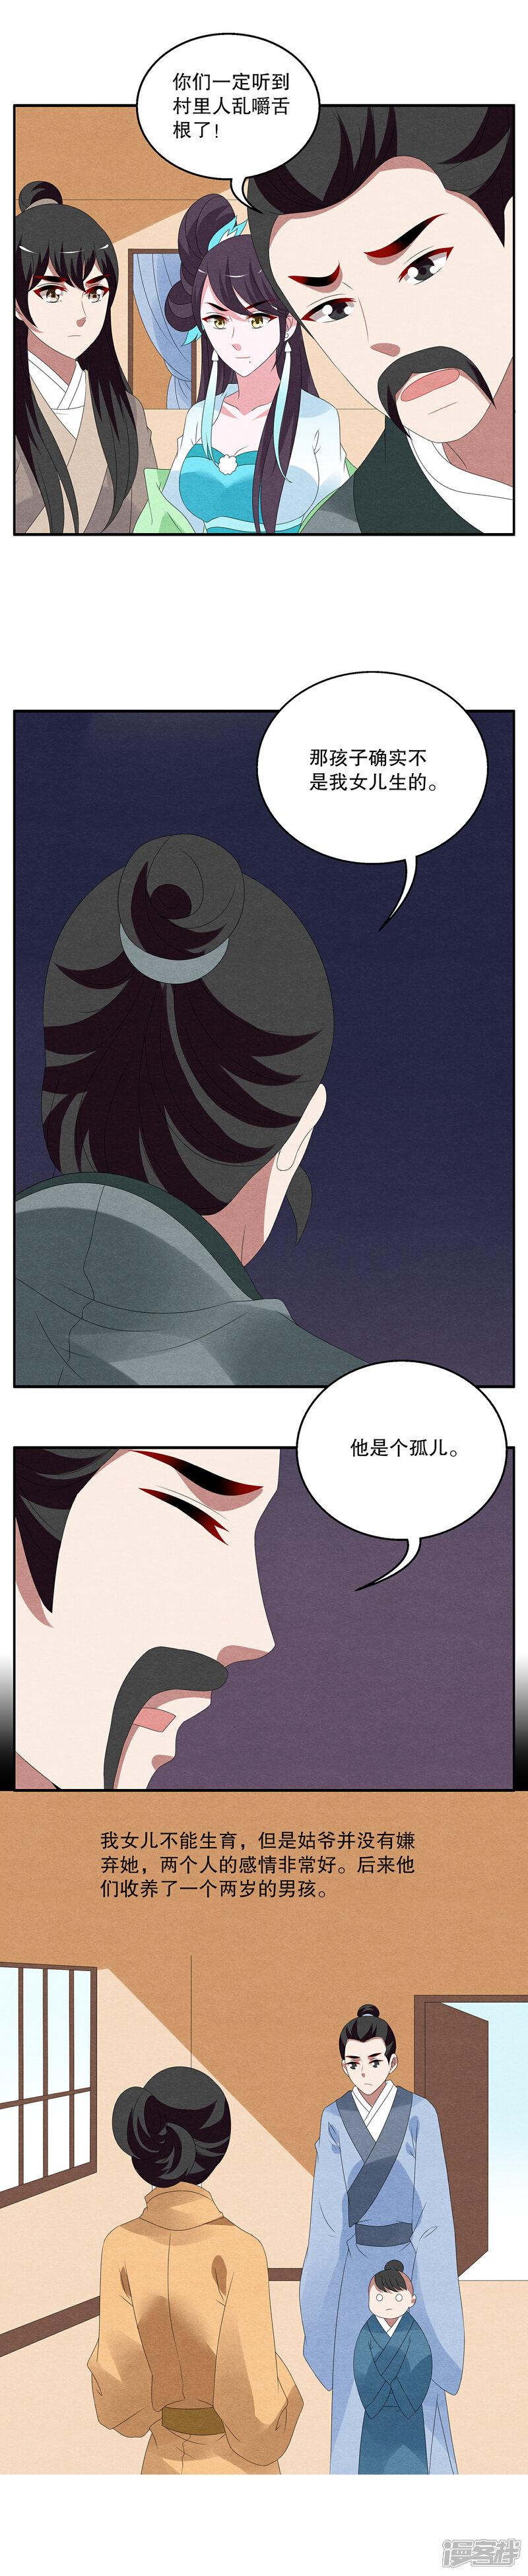 洛小妖92930012.JPG